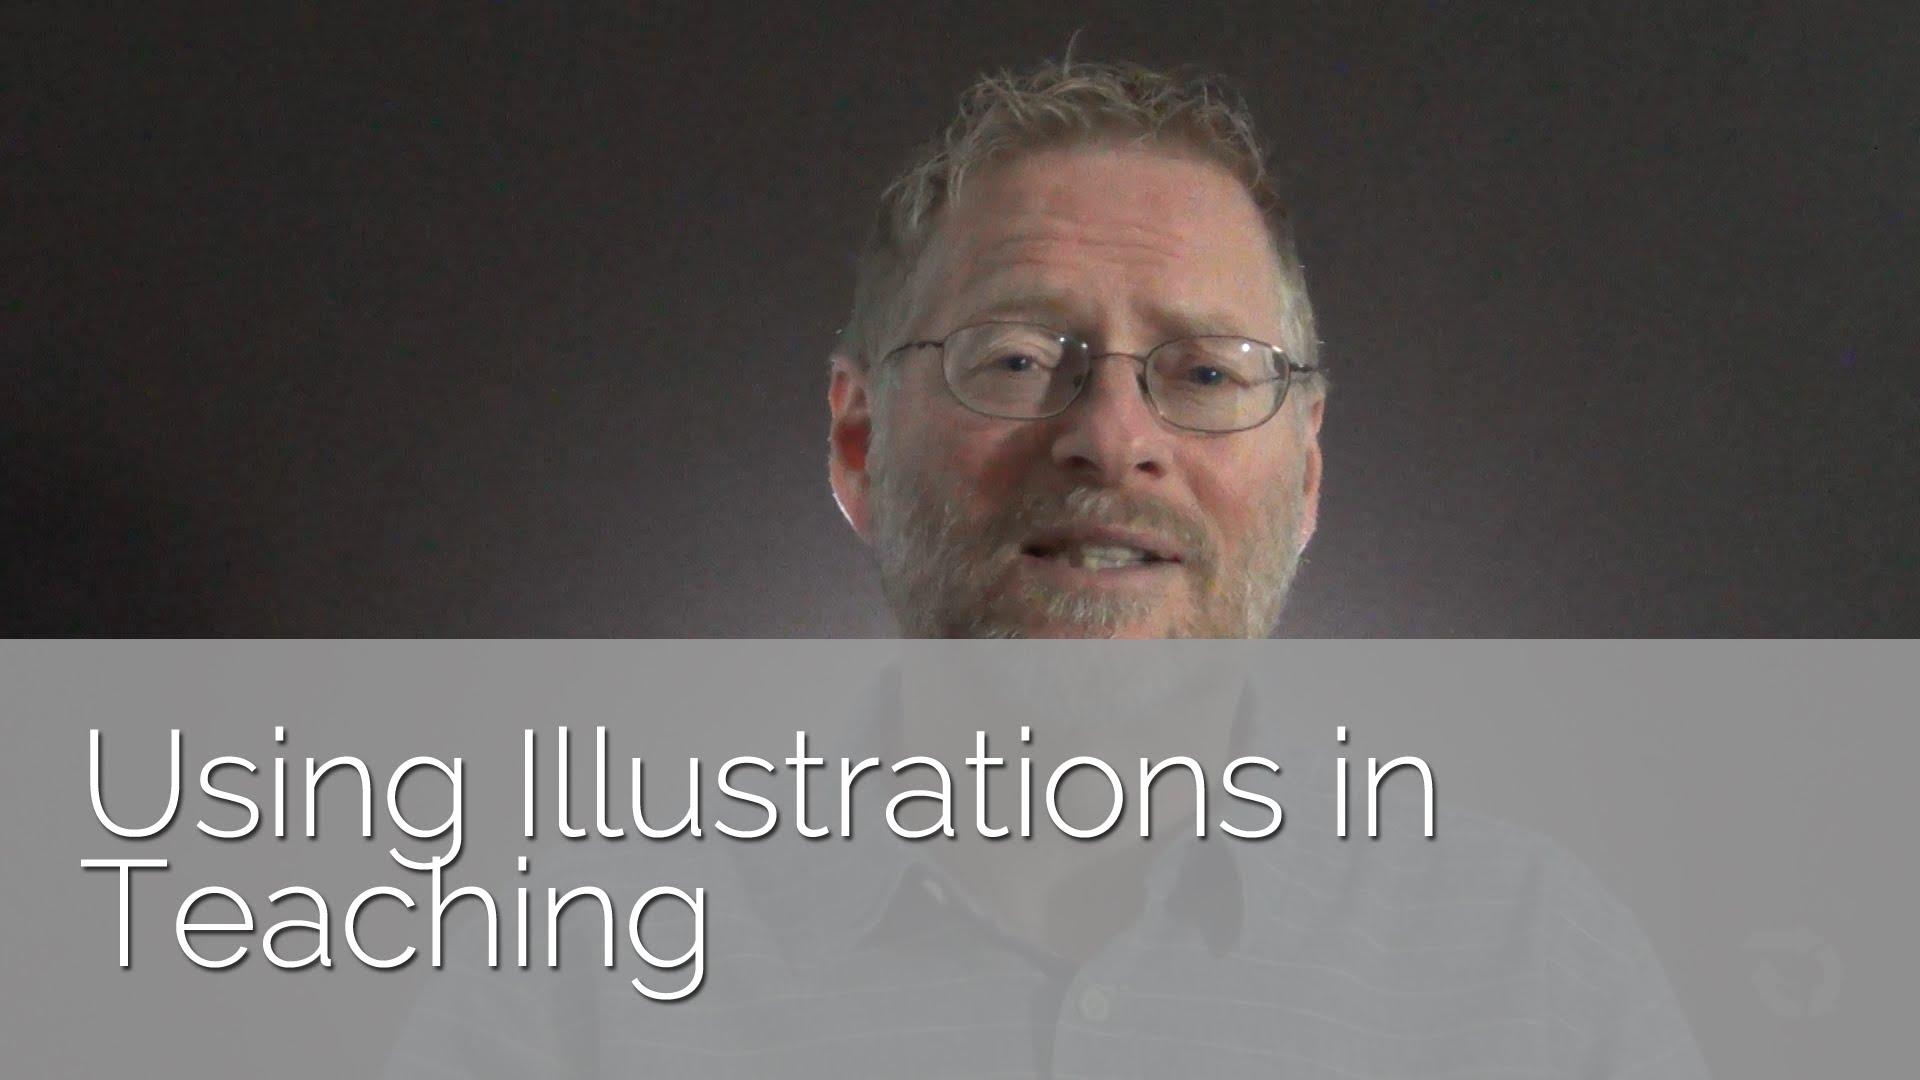 Illustrationen im Unterricht verwenden